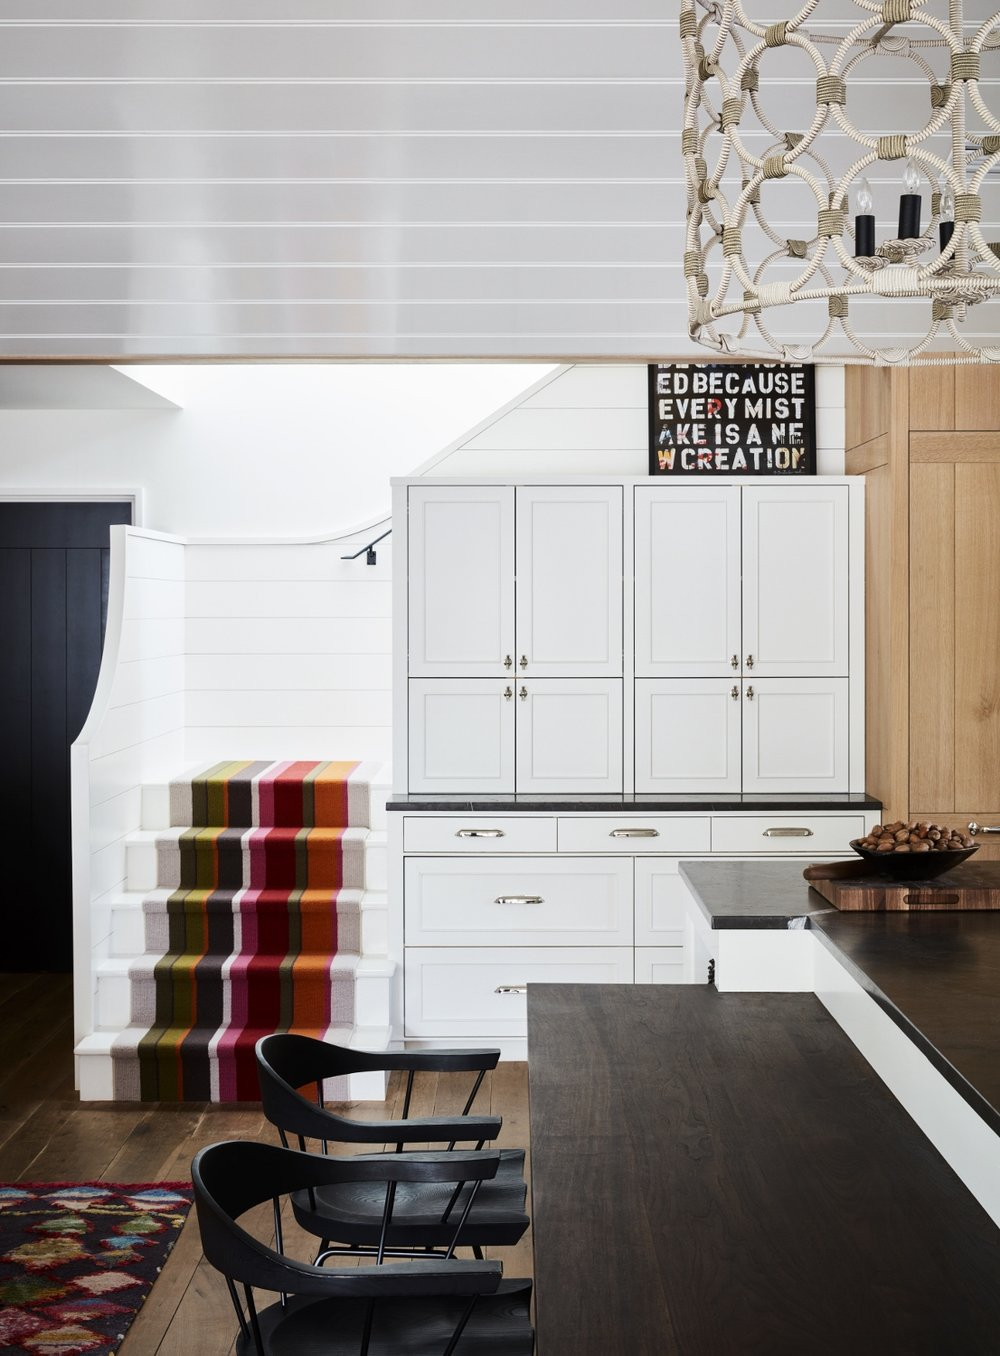 Lamb_kitchen2_ 4-01-01 (1106x1500).jpg